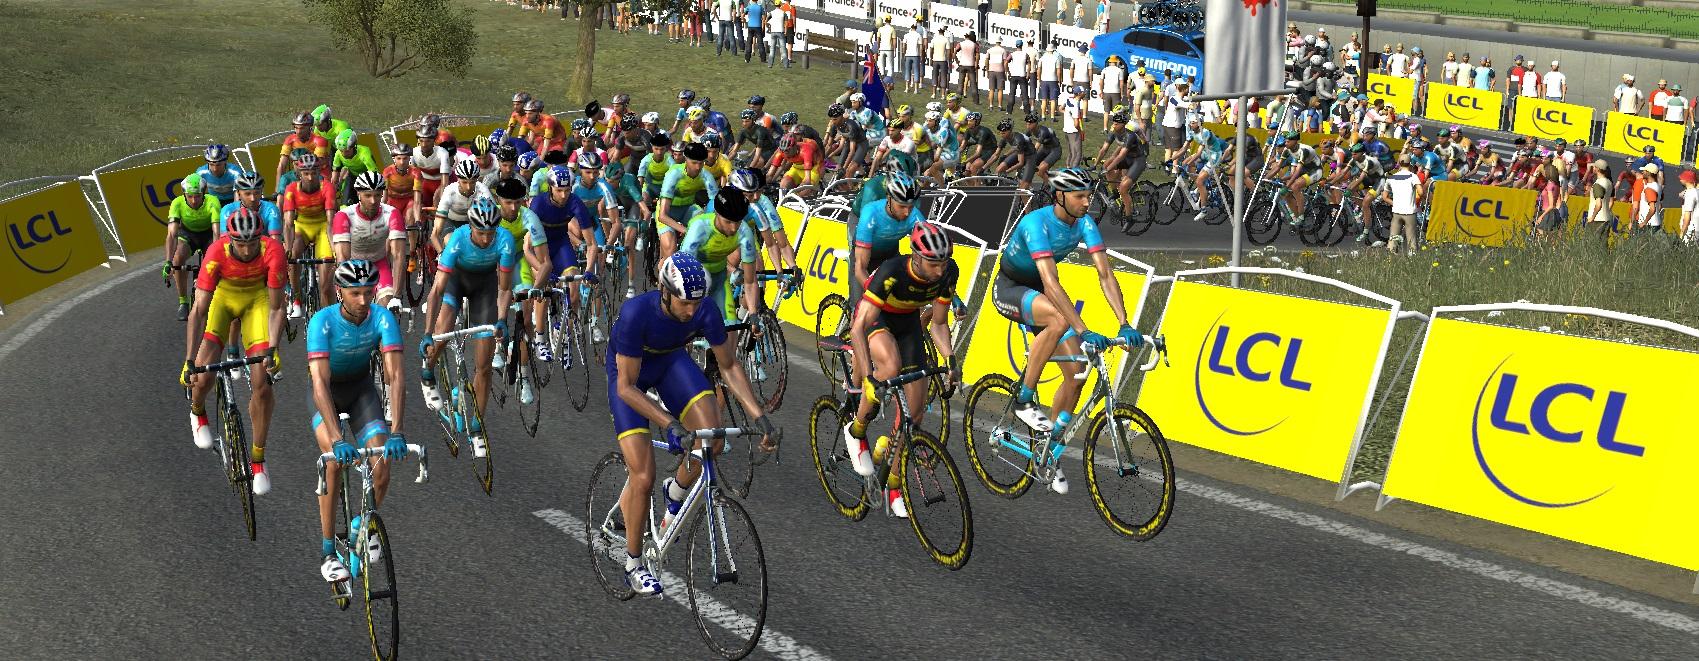 pcmdaily.com/images/mg/2019/Races/PT/PN/pn5-11.jpg